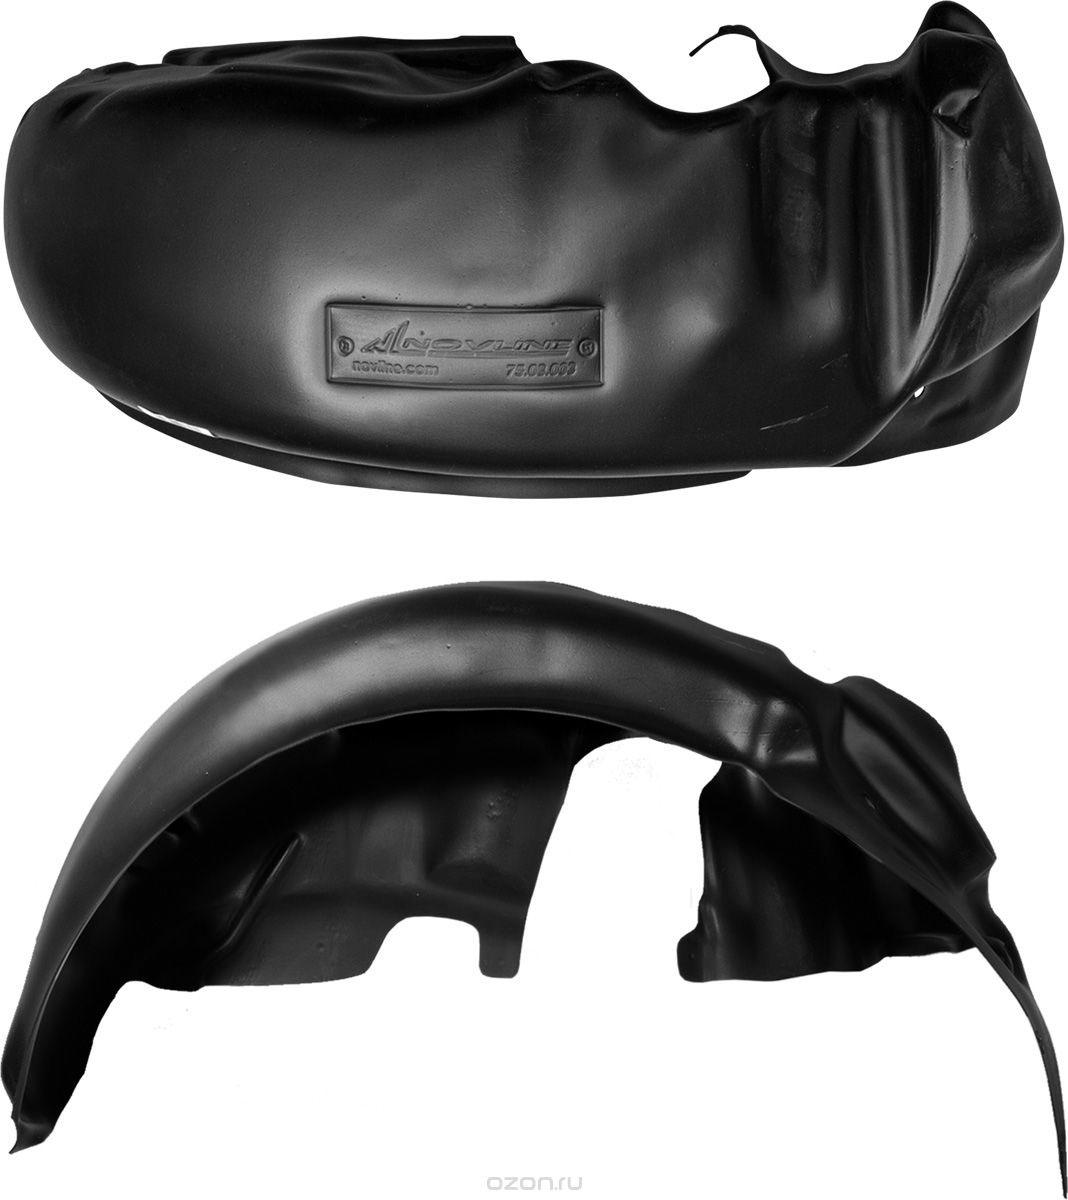 Подкрылок Novline-Autofamily, для ВАЗ 2113-15, 1997-2013, задний левый000713Идеальная защита колесной ниши. Локеры разработаны с применением цифровых технологий, гарантируют максимальную повторяемость поверхности арки. Изделия устанавливаются без нарушения лакокрасочного покрытия автомобиля, каждый подкрылок комплектуется крепежом. Уважаемые клиенты, обращаем ваше внимание, что фотографии на подкрылки универсальные и не отражают реальную форму изделия. При этом само изделие идет точно под размер указанного автомобиля.